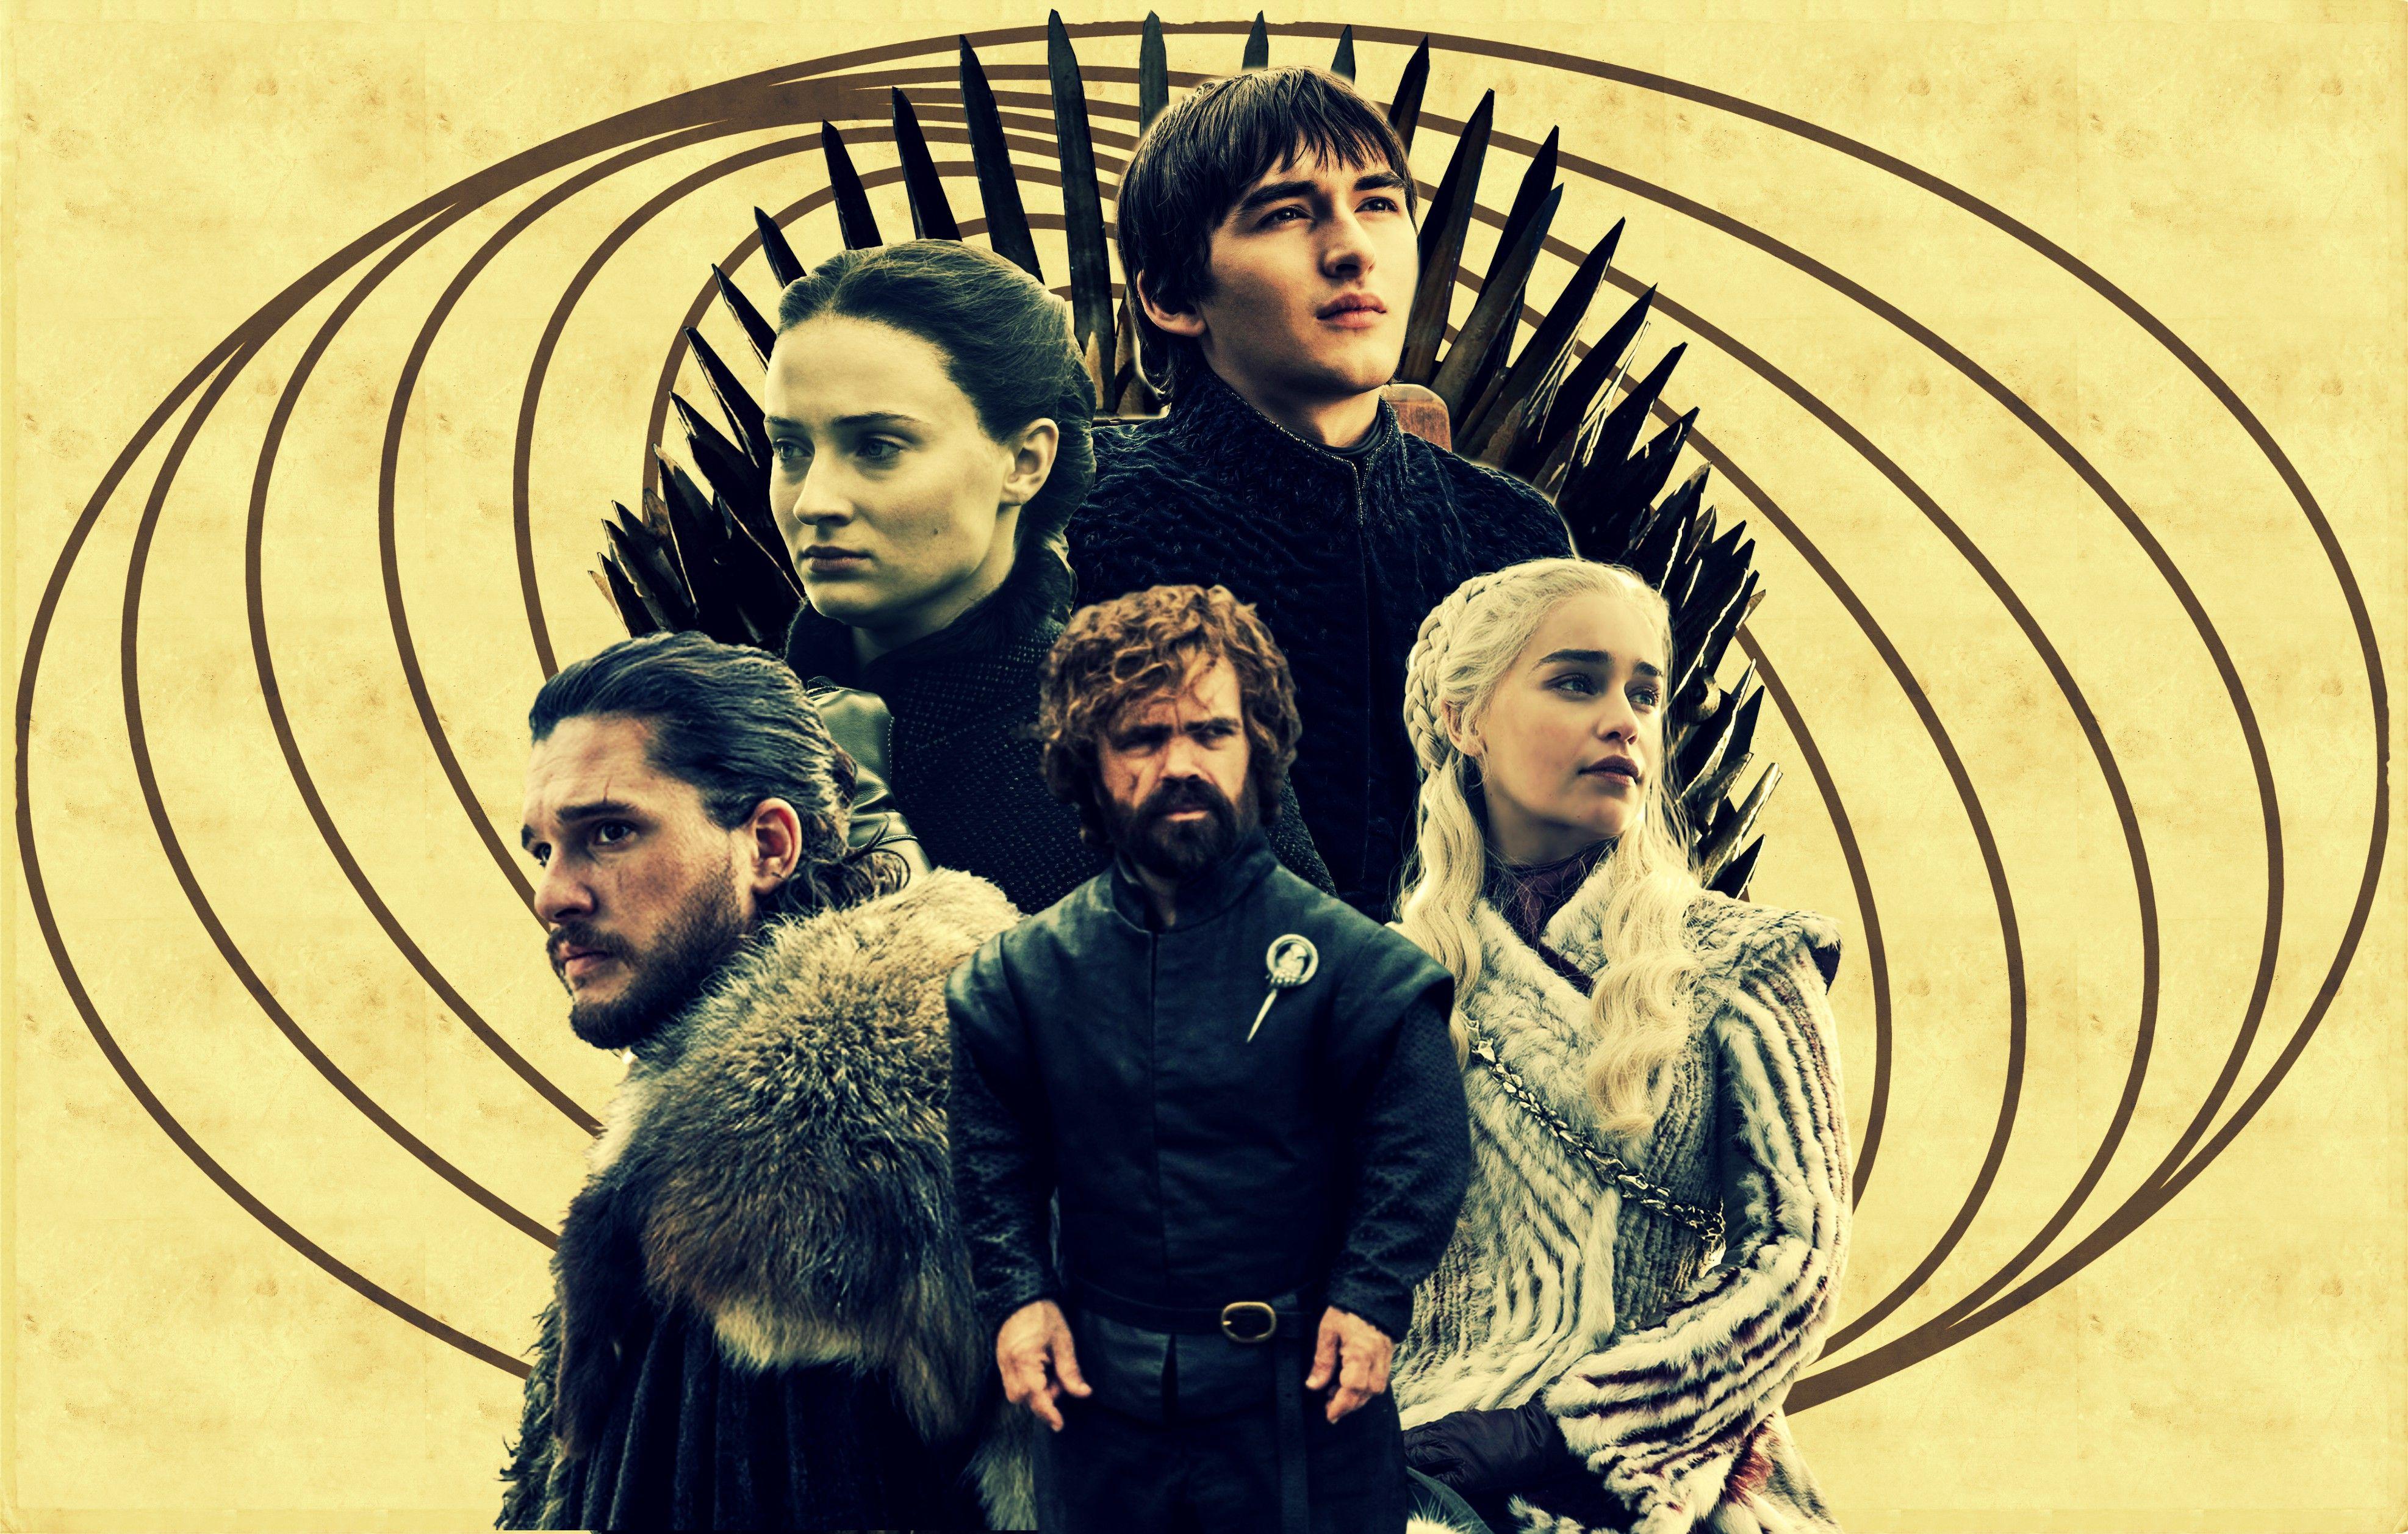 En 'Juego de tronos', el statu quo y el sexismo no se pudieron erradicar - Serie HBO Final